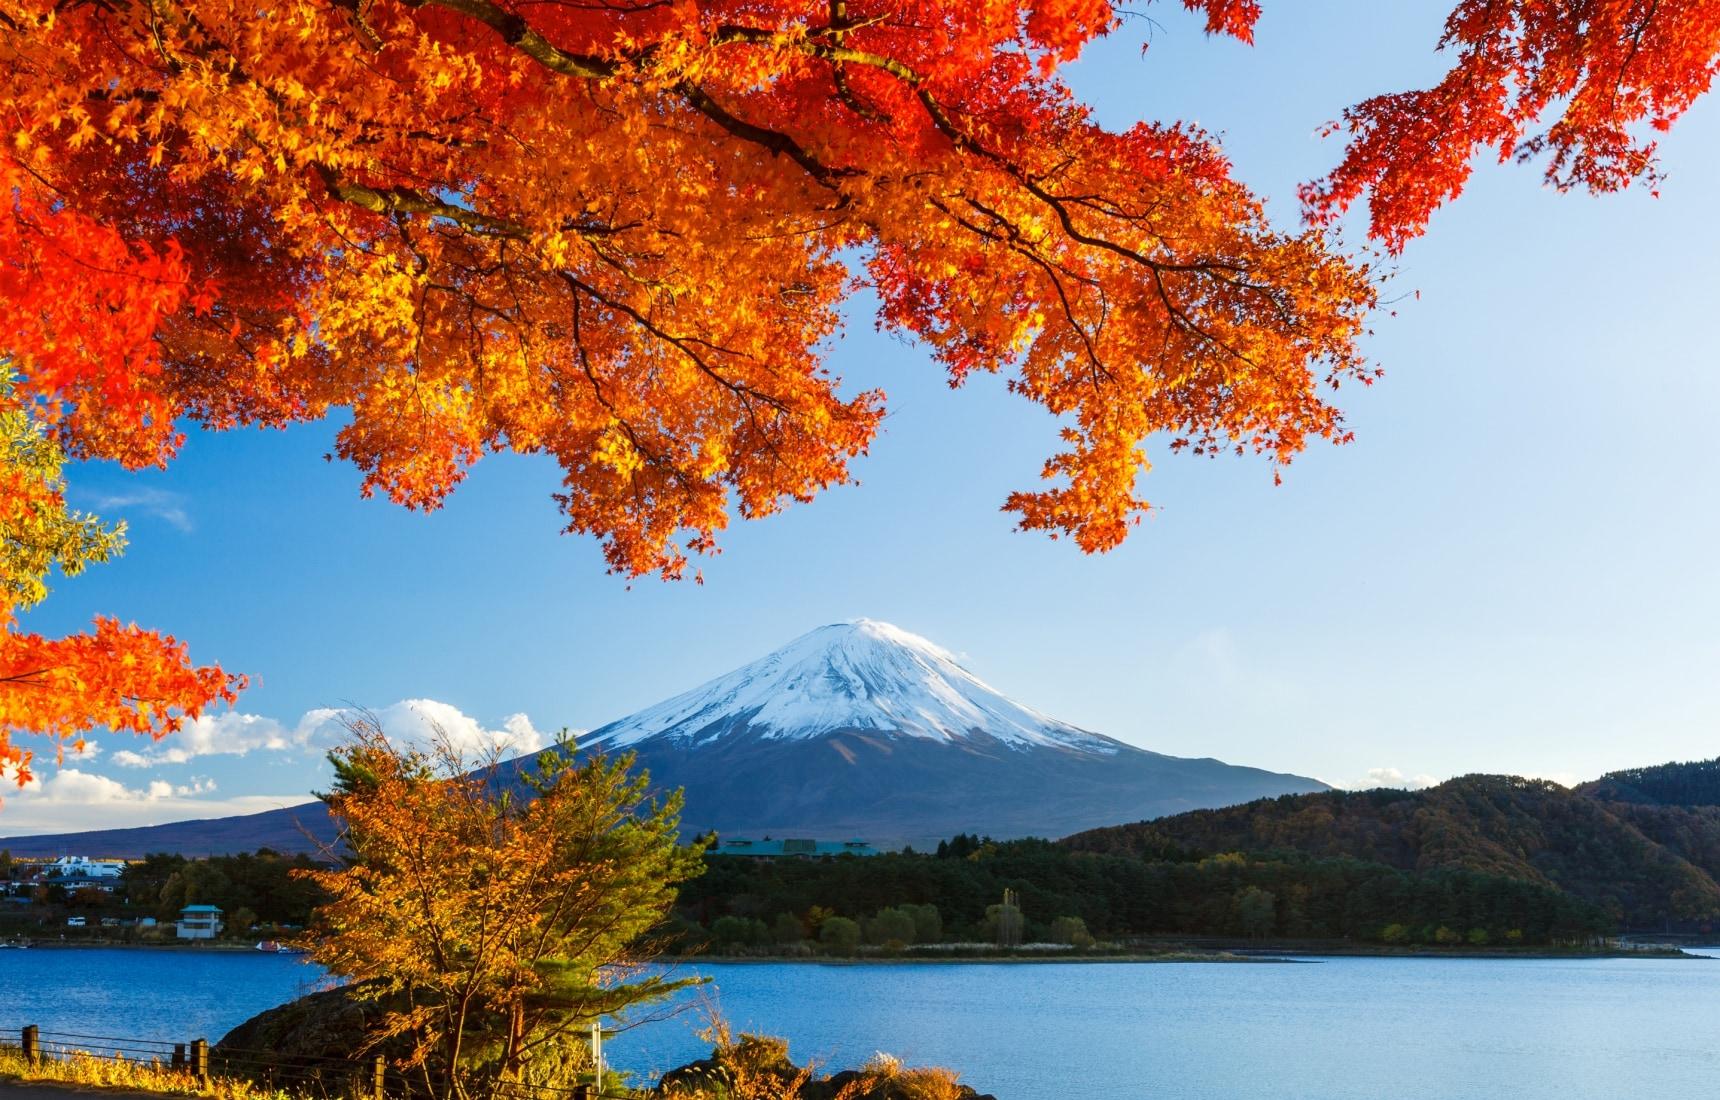 후지 산에서 맞이하는 가을 하늘